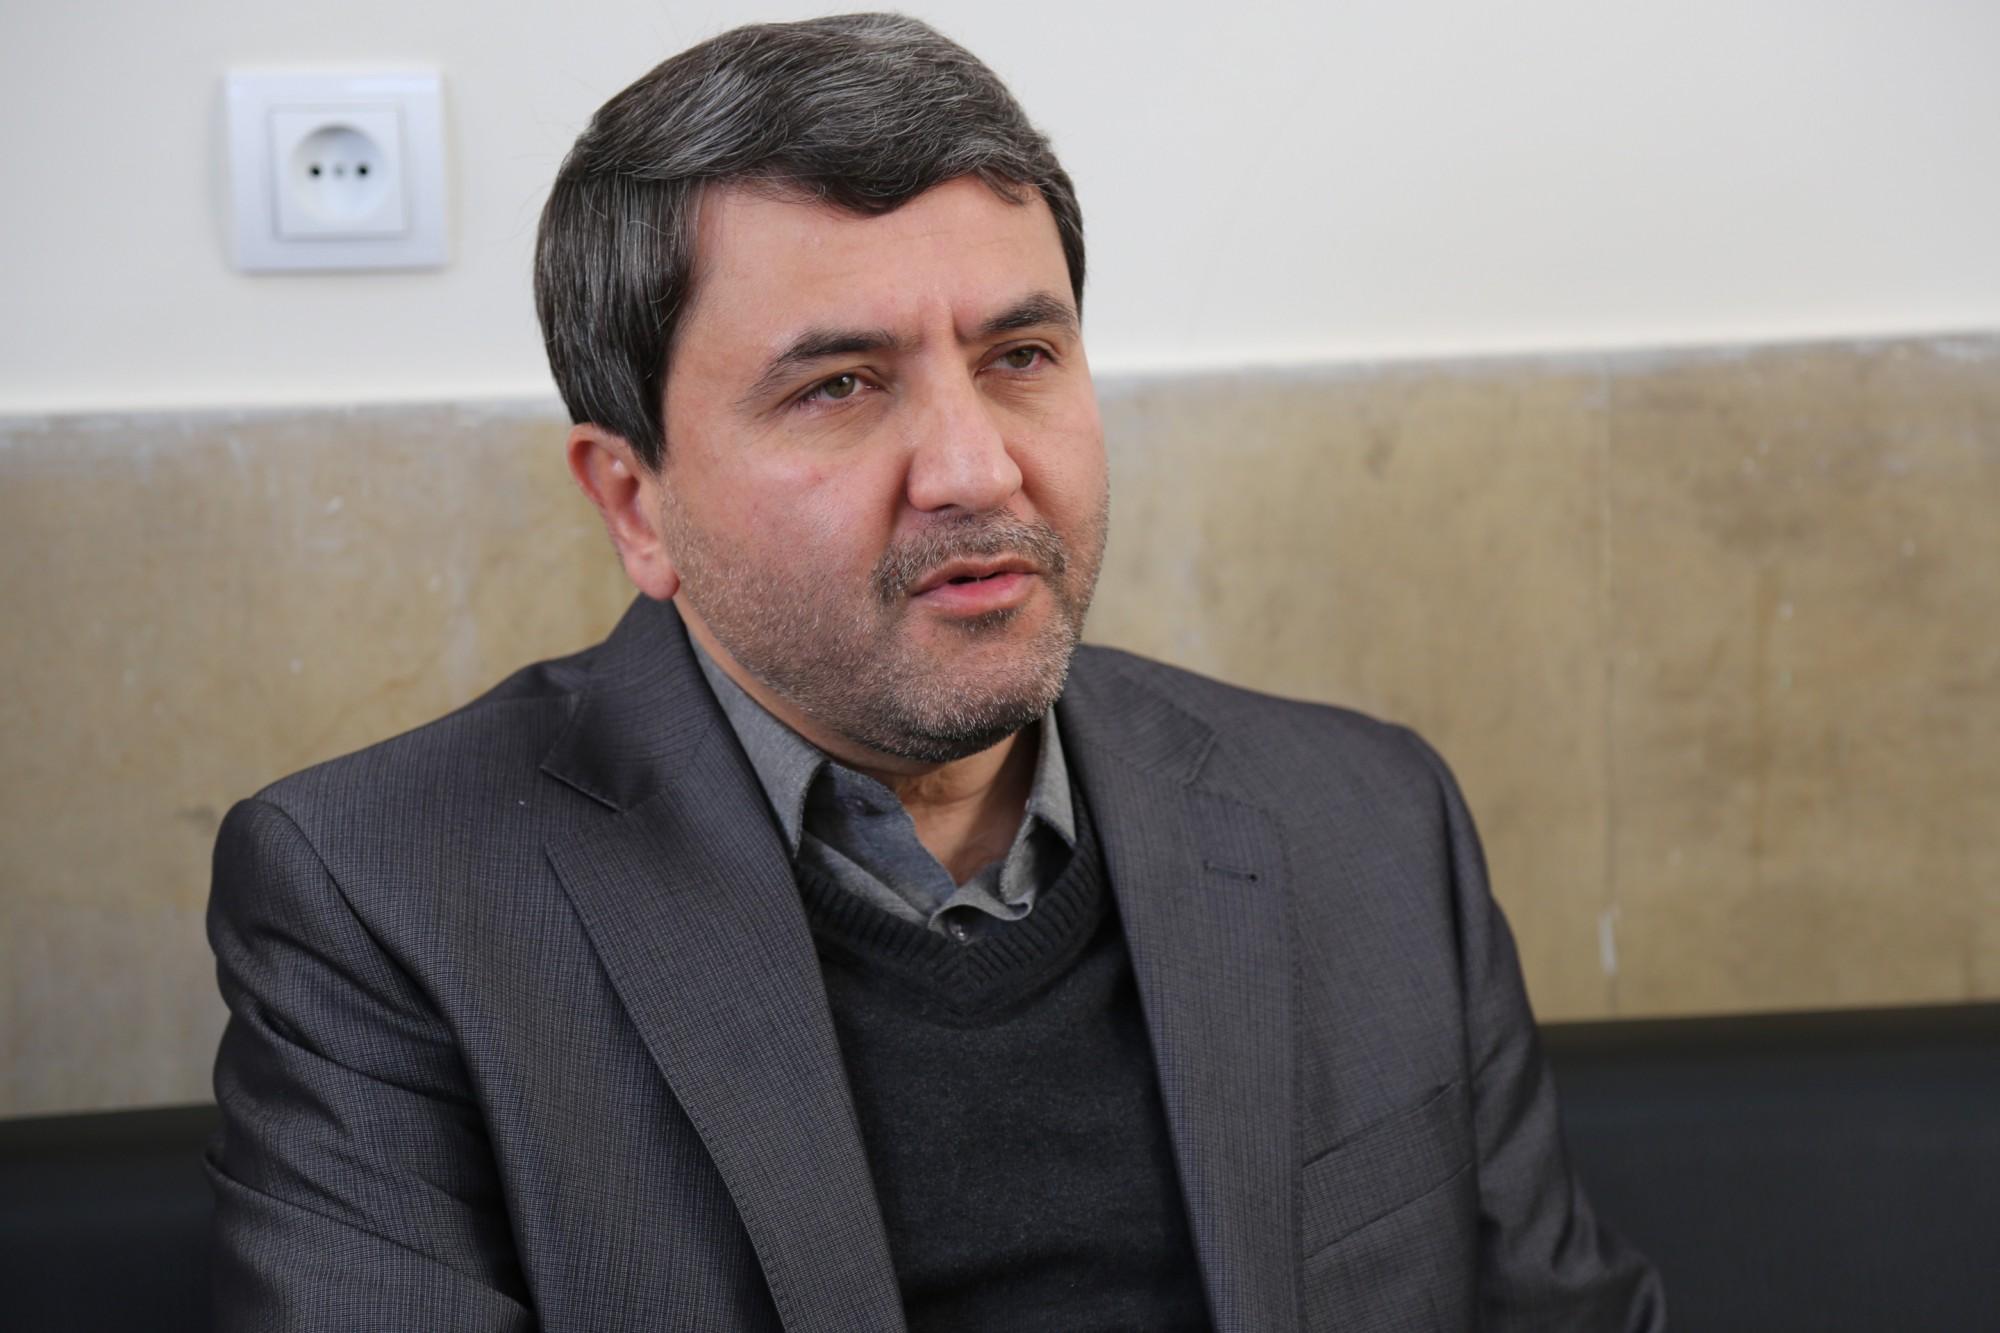 انتخاب دکتر بیگلری به عنوان سرپرست انستیتو پاستور ایران